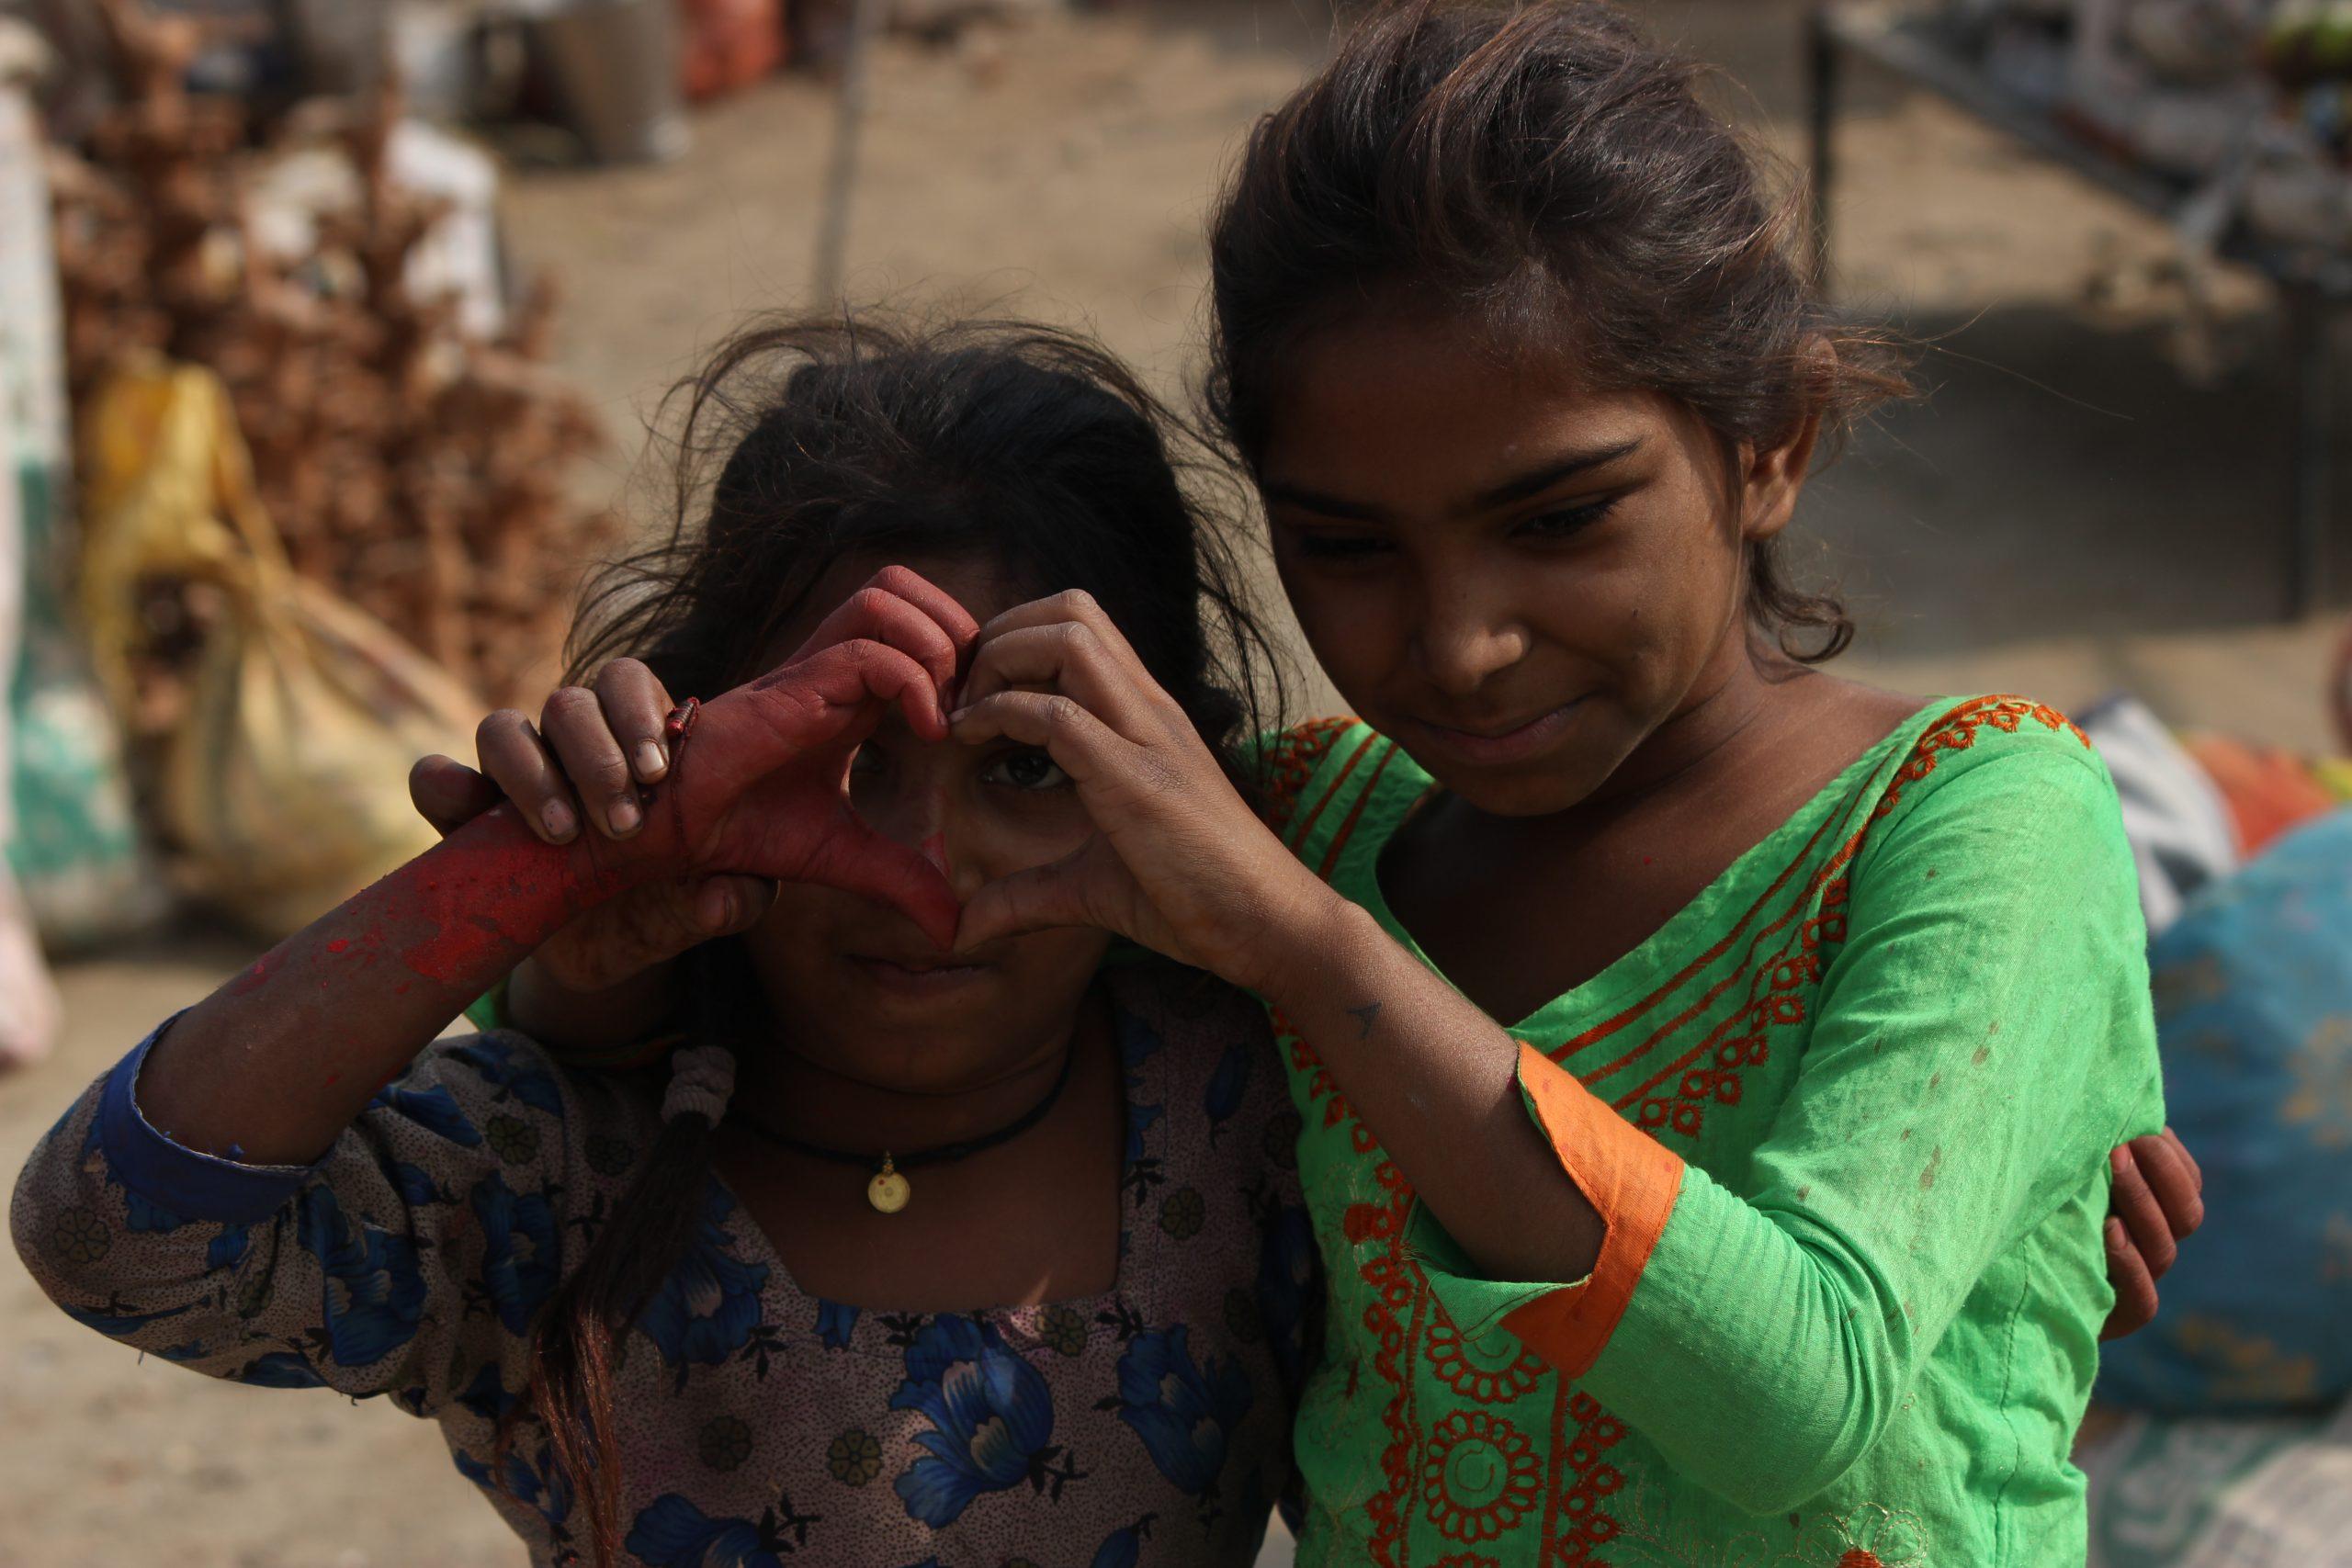 Little girls make heart shape with hands